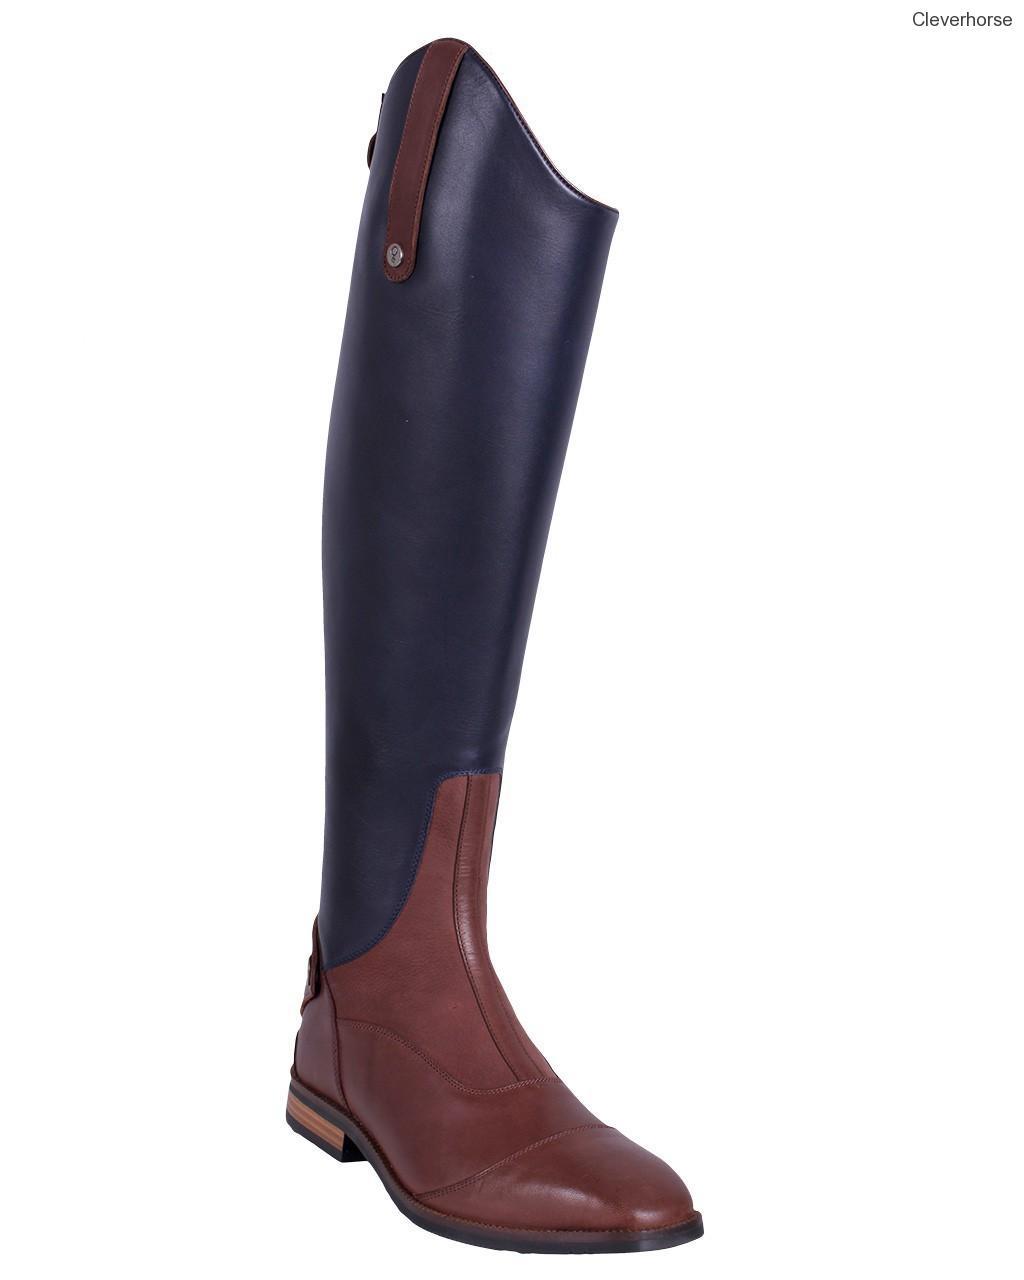 cac2198243007 Vysoké dámské kožené boty v kontrastních barvách Shiva   Jezdecké ...